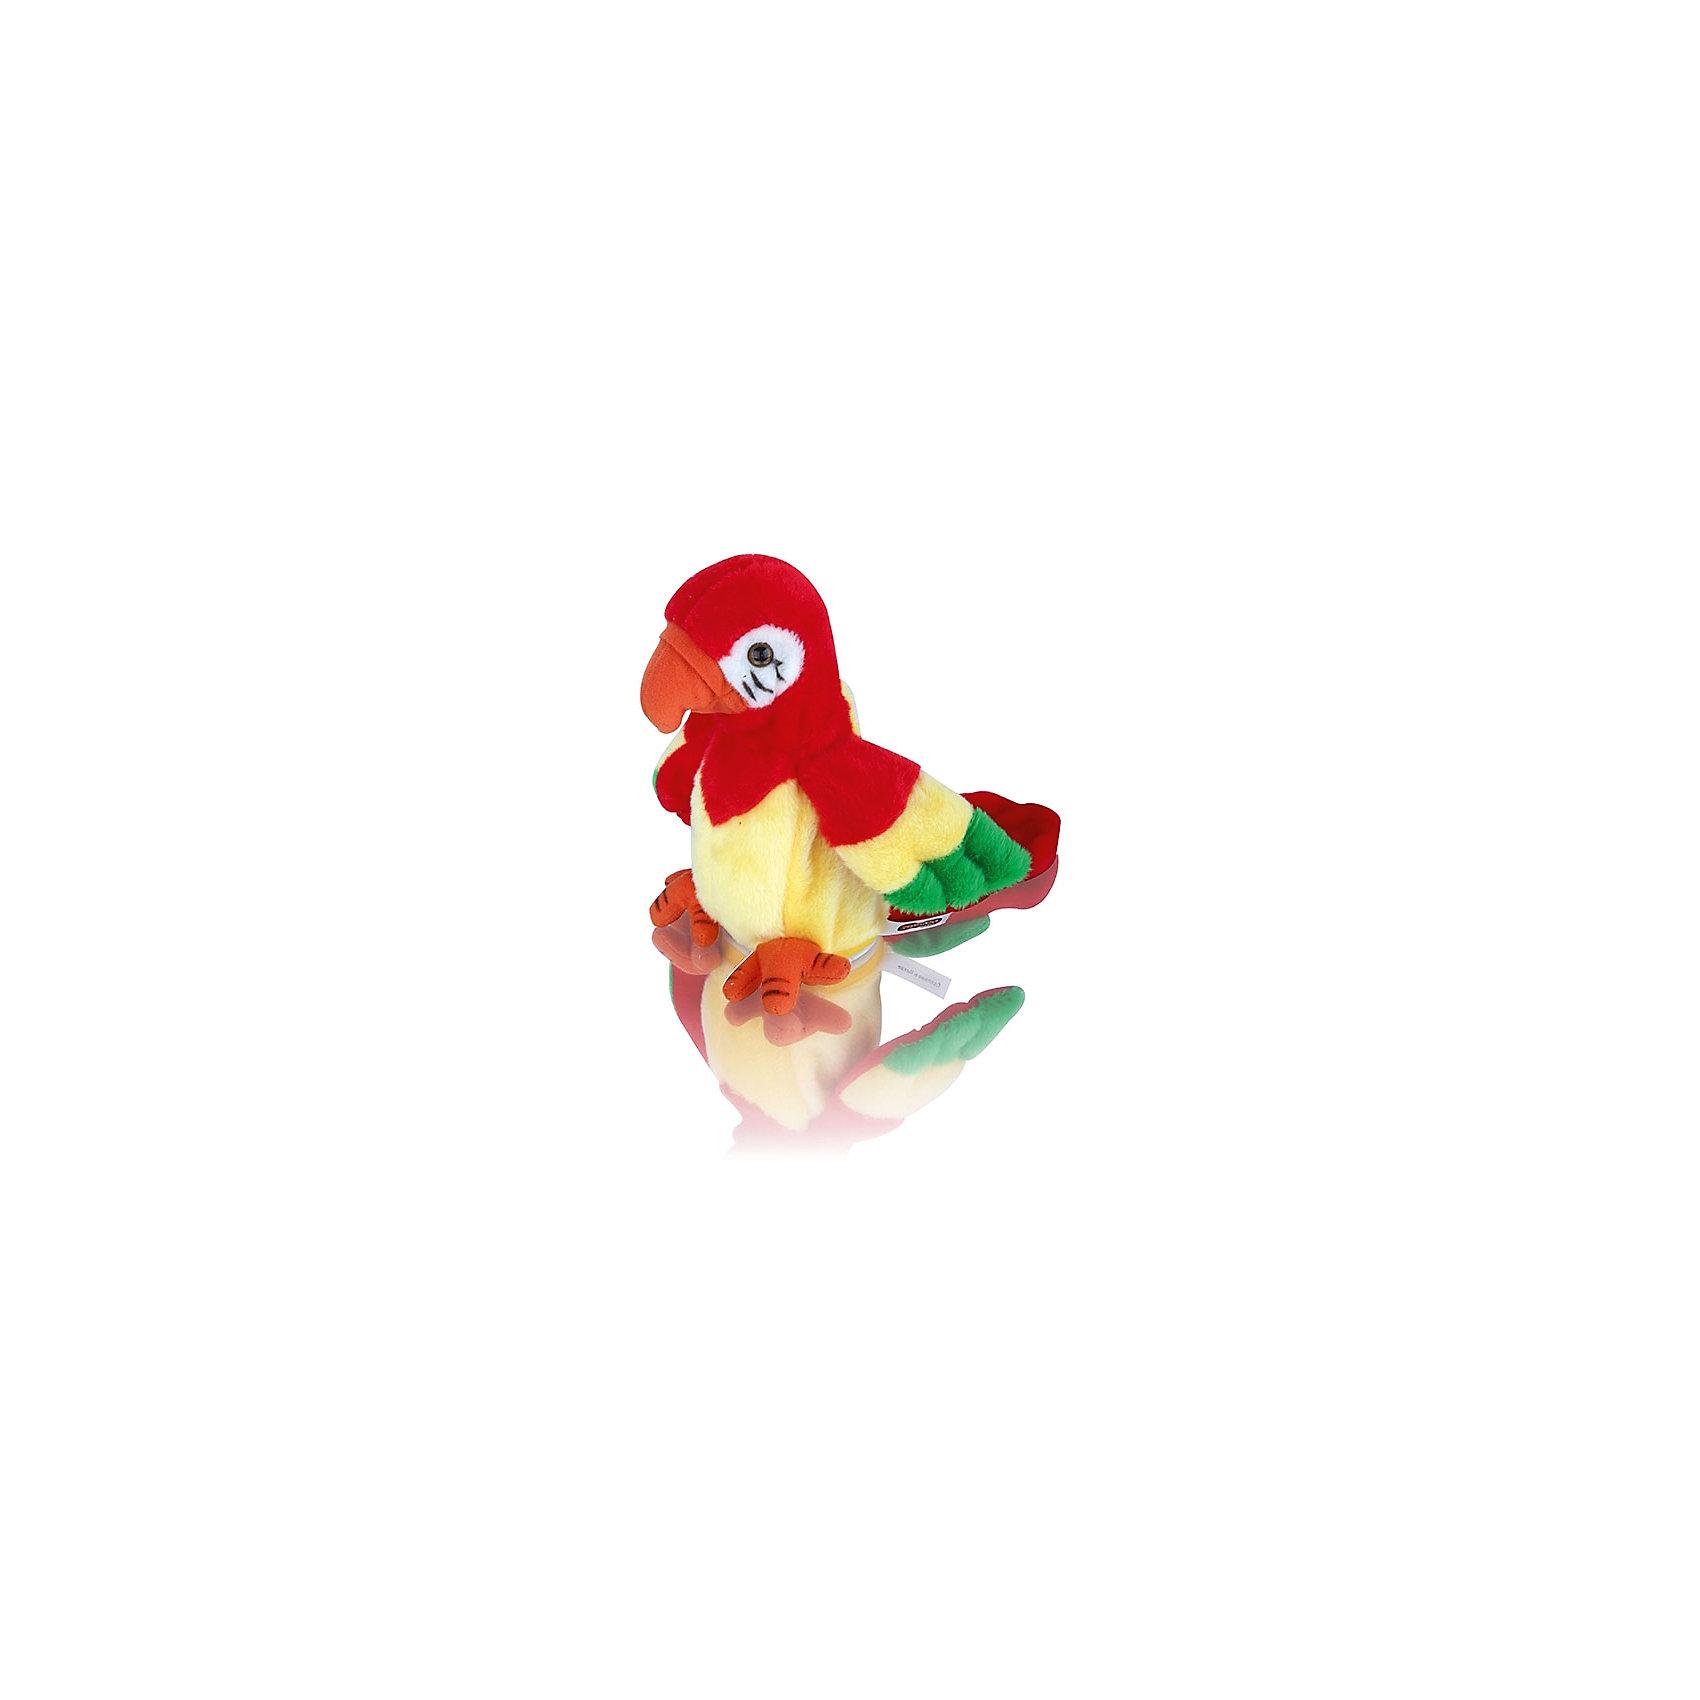 Игрушка-повторюшка Говорящий попугай, 20см, MioshiЭтот яркий попугайчик очень занятен, ведь он повторяет всё, что ему говорят. Еще он умеет трясти головой. Игрушка представлена в красочной упаковке на русском языке, выполнена из высококачественных материалов.<br><br>Ширина мм: 85<br>Глубина мм: 85<br>Высота мм: 190<br>Вес г: 333<br>Возраст от месяцев: 36<br>Возраст до месяцев: 72<br>Пол: Унисекс<br>Возраст: Детский<br>SKU: 4342827